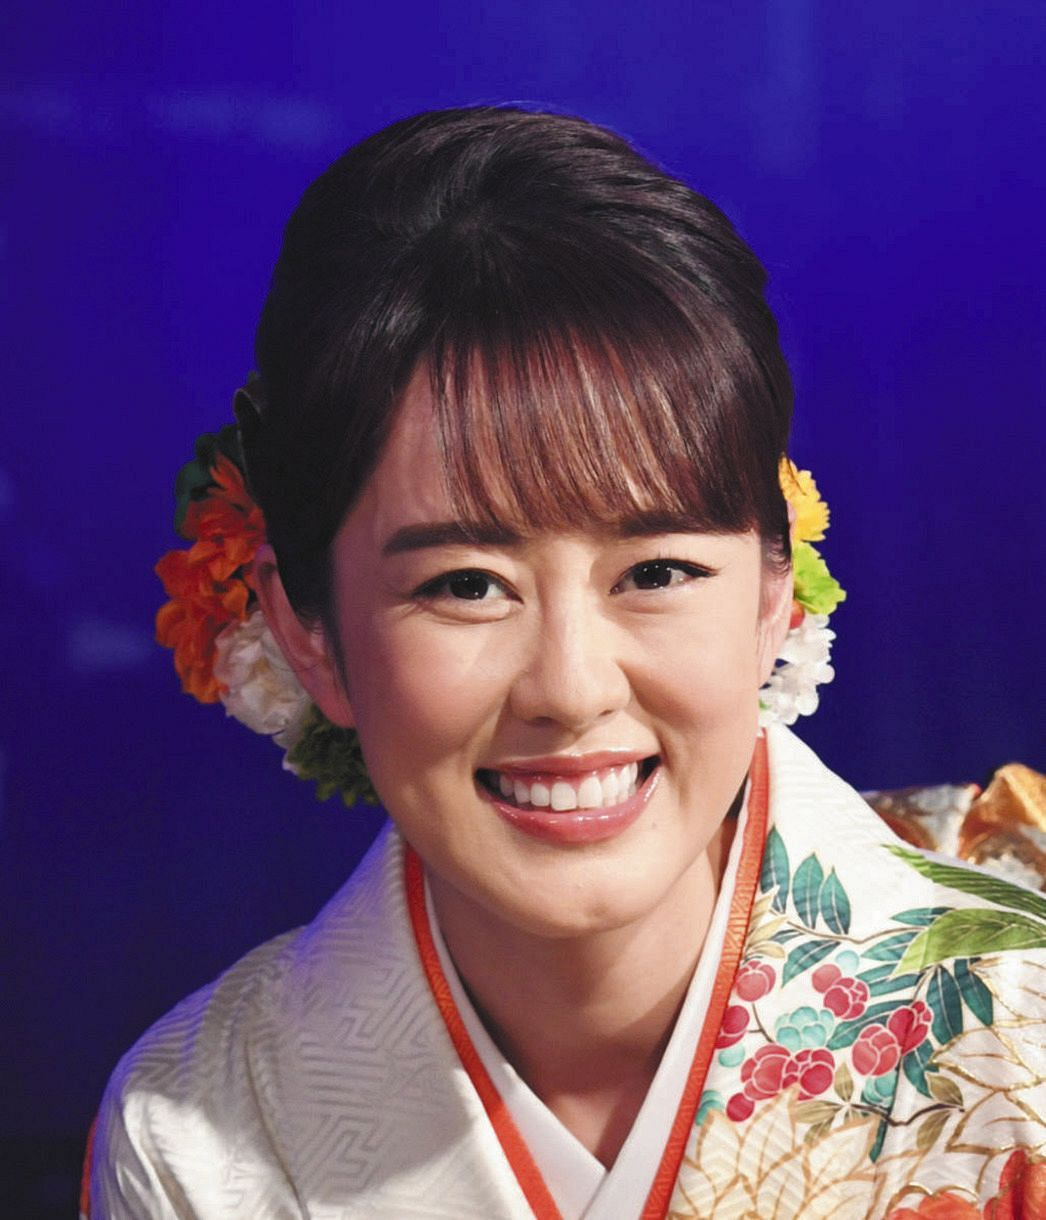 遅咲き美人演歌歌手・丘みどり 結婚&妊娠をファンに報告「一般の方と ...